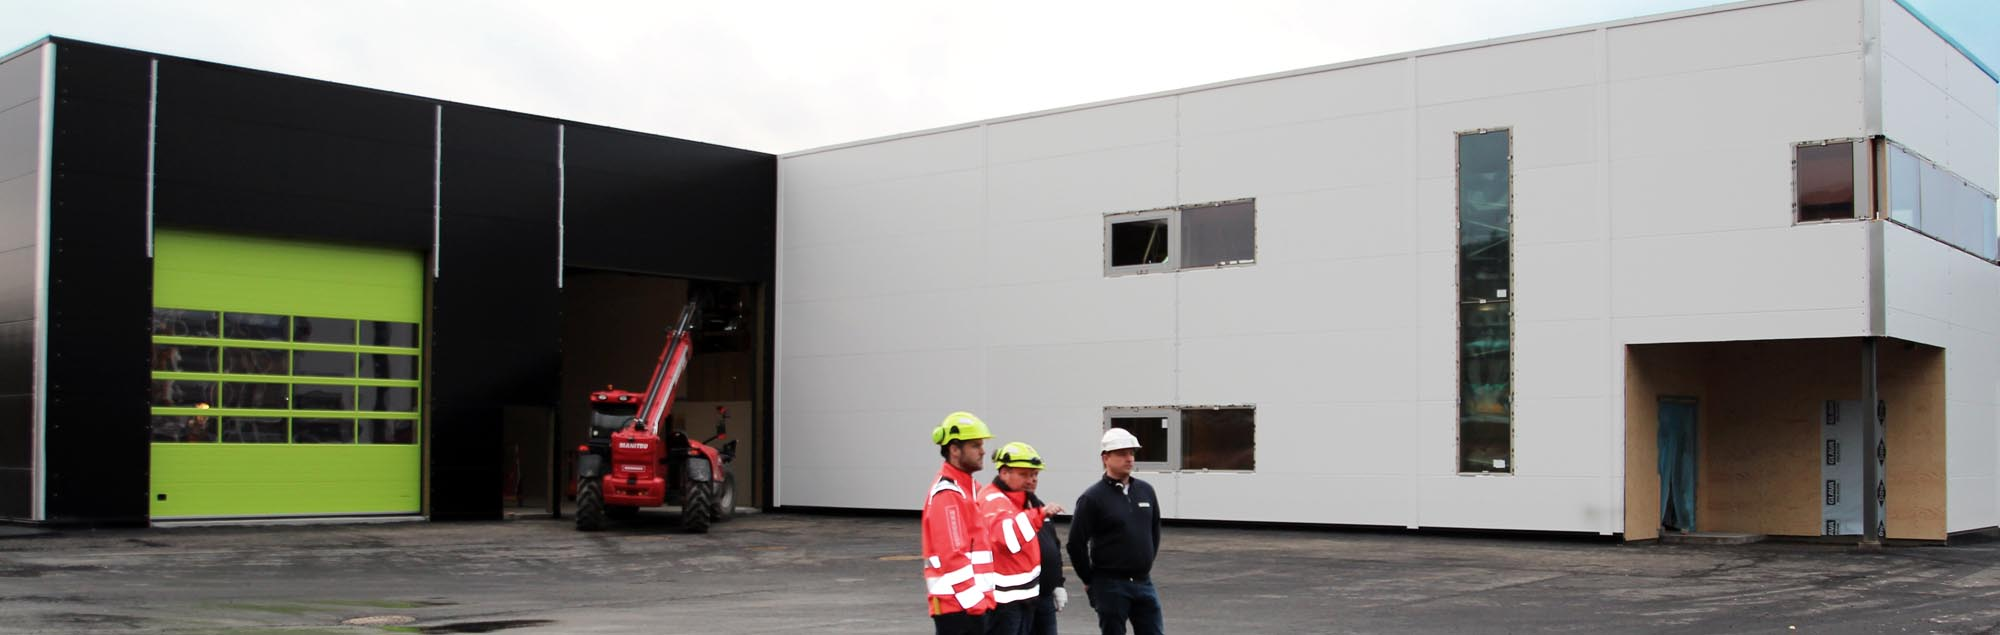 Nytt bygg på Lillehammer er ferdigstilt av Kynningsrud Eiendom